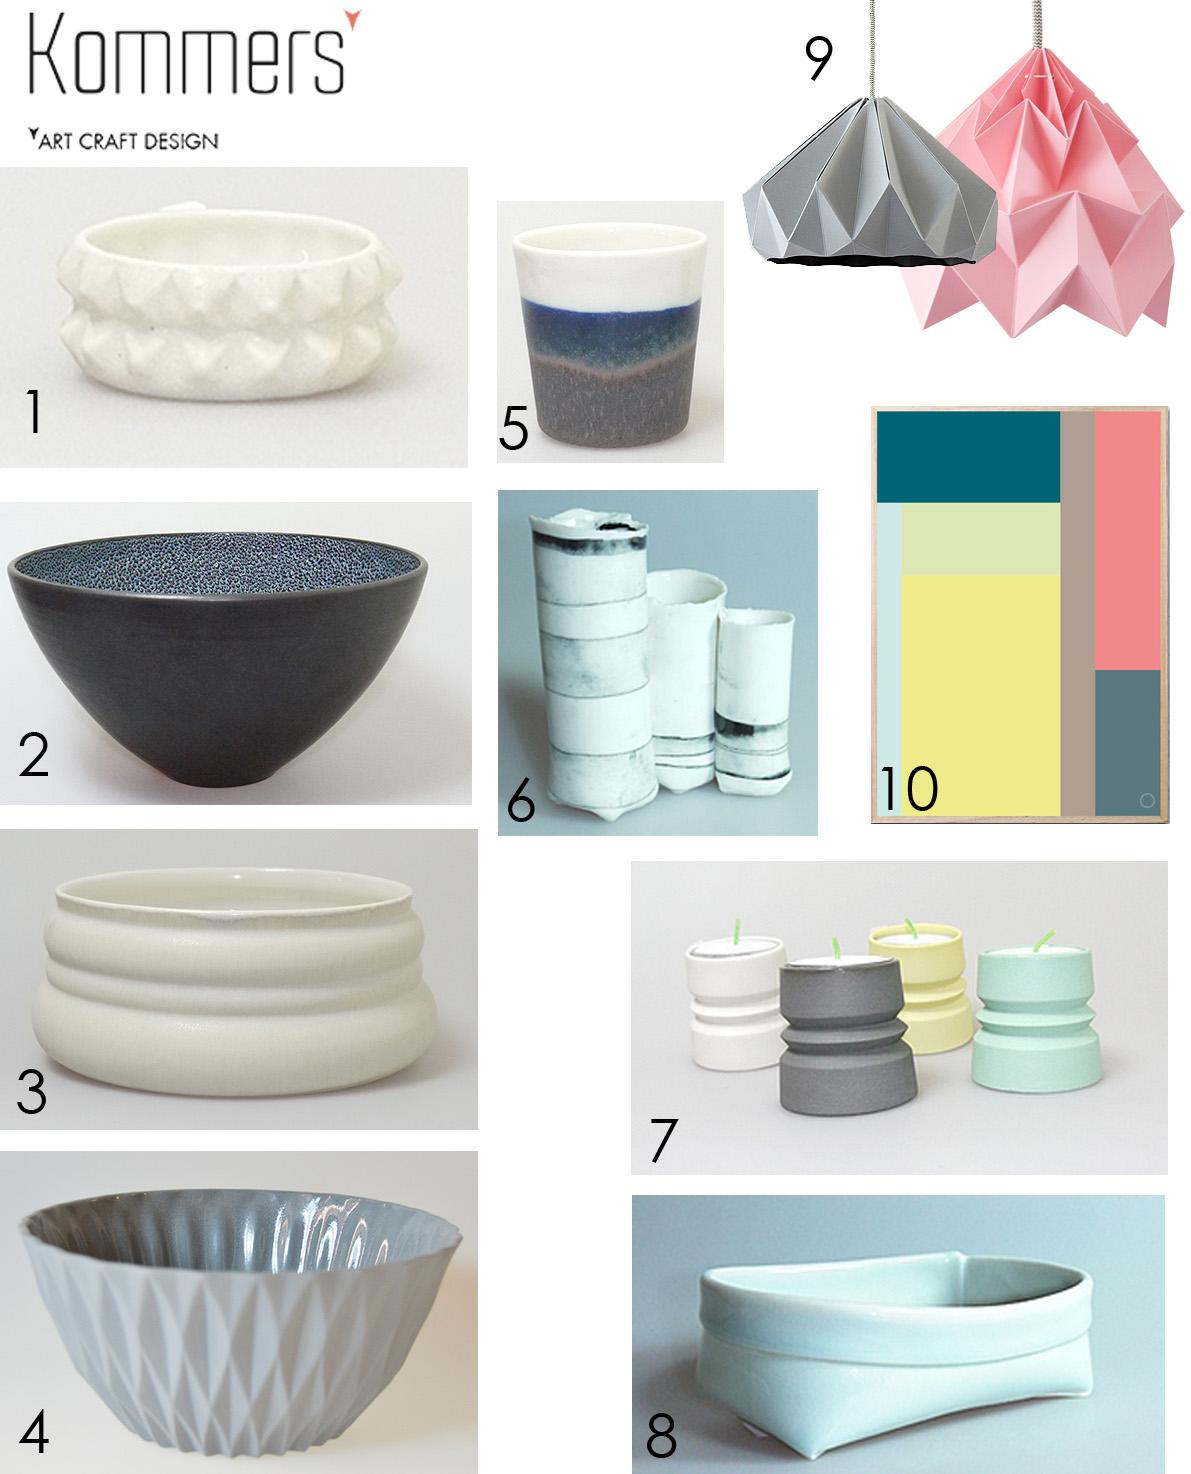 kommers-keramik-design-porcelain-danish-porcelaen